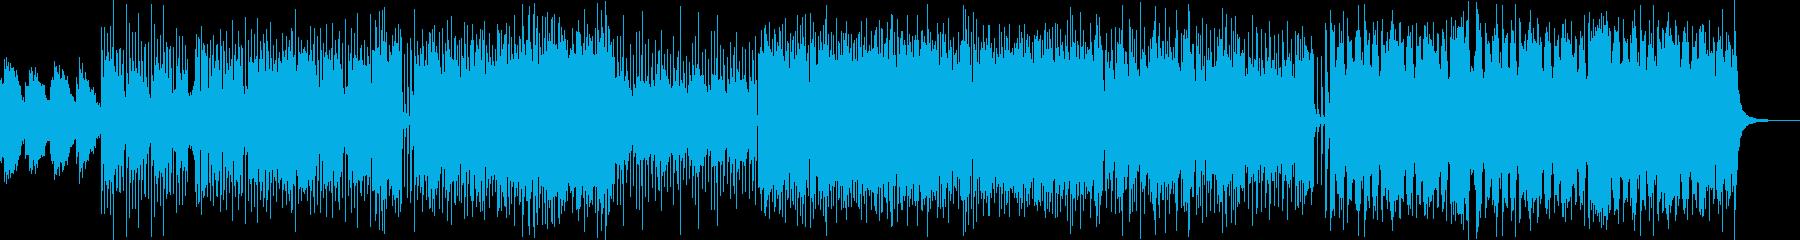 感情をイメージし展開のあるピアノインストの再生済みの波形